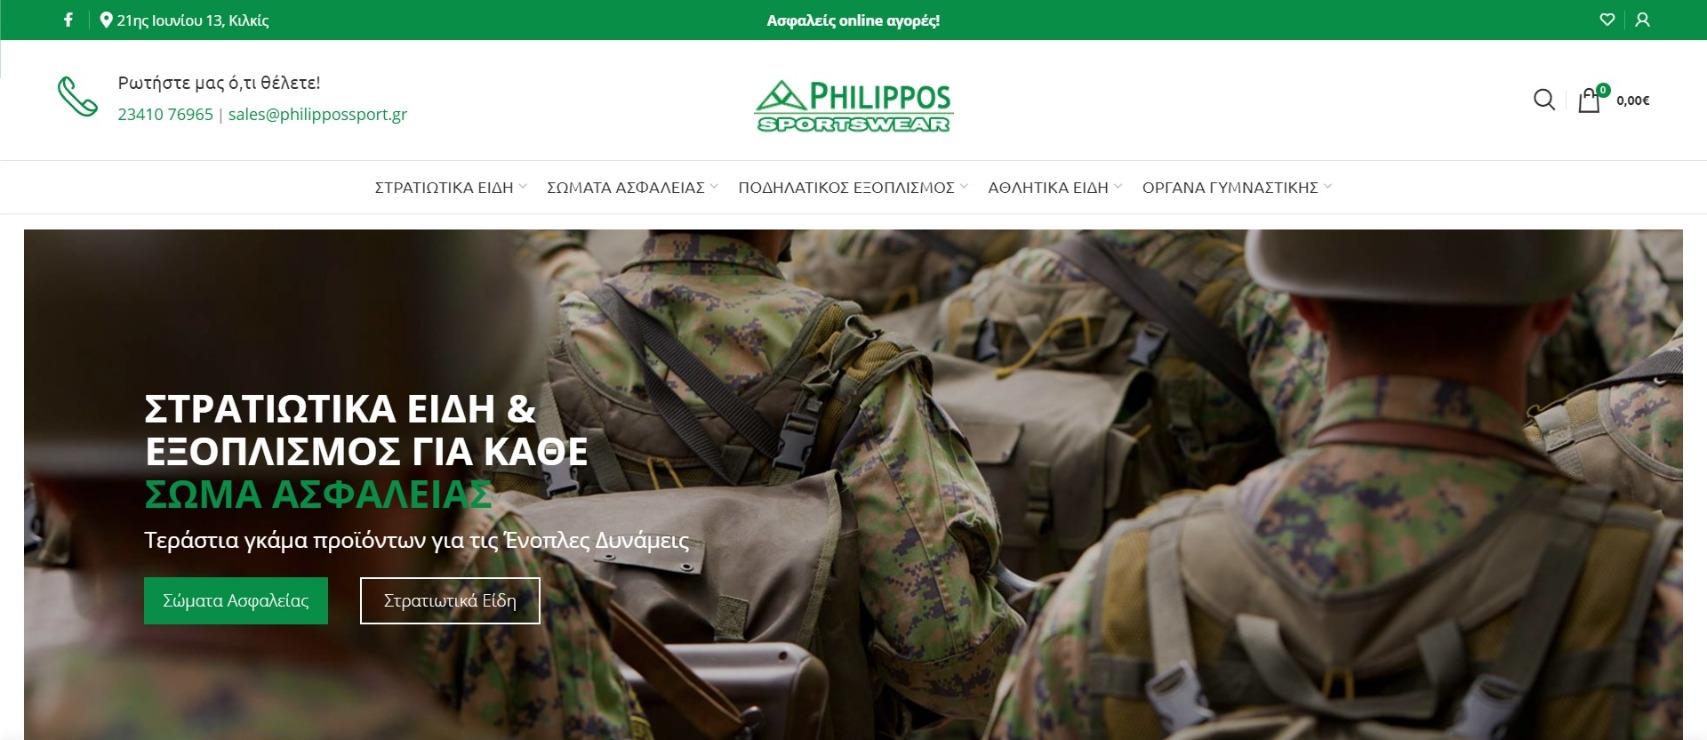 digmata istoselidwn xrysos odigos pelatis philippossport.gr